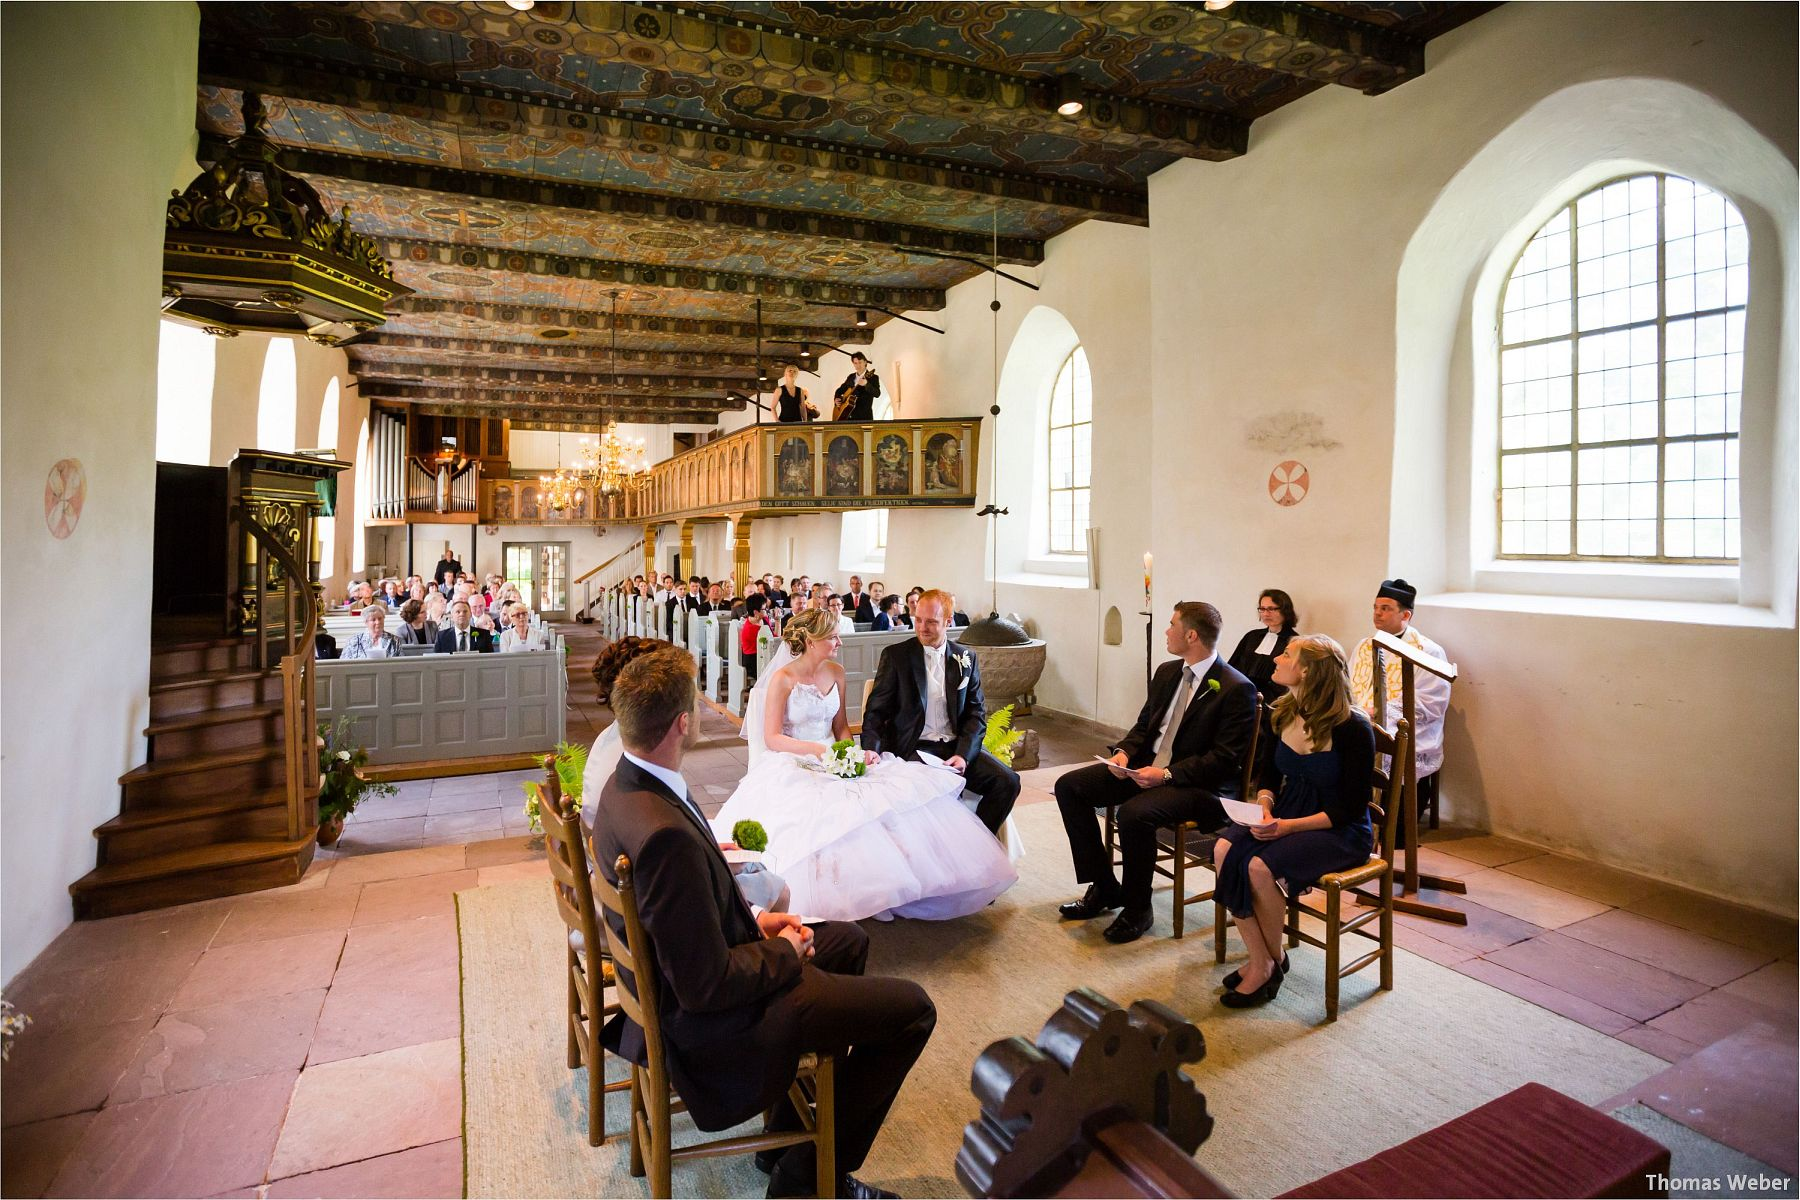 Hochzeitsfotograf Papenburg: Standesamtliche Trauung auf der Burg Kniphausen und Feier im Le Patron am Meer (38)